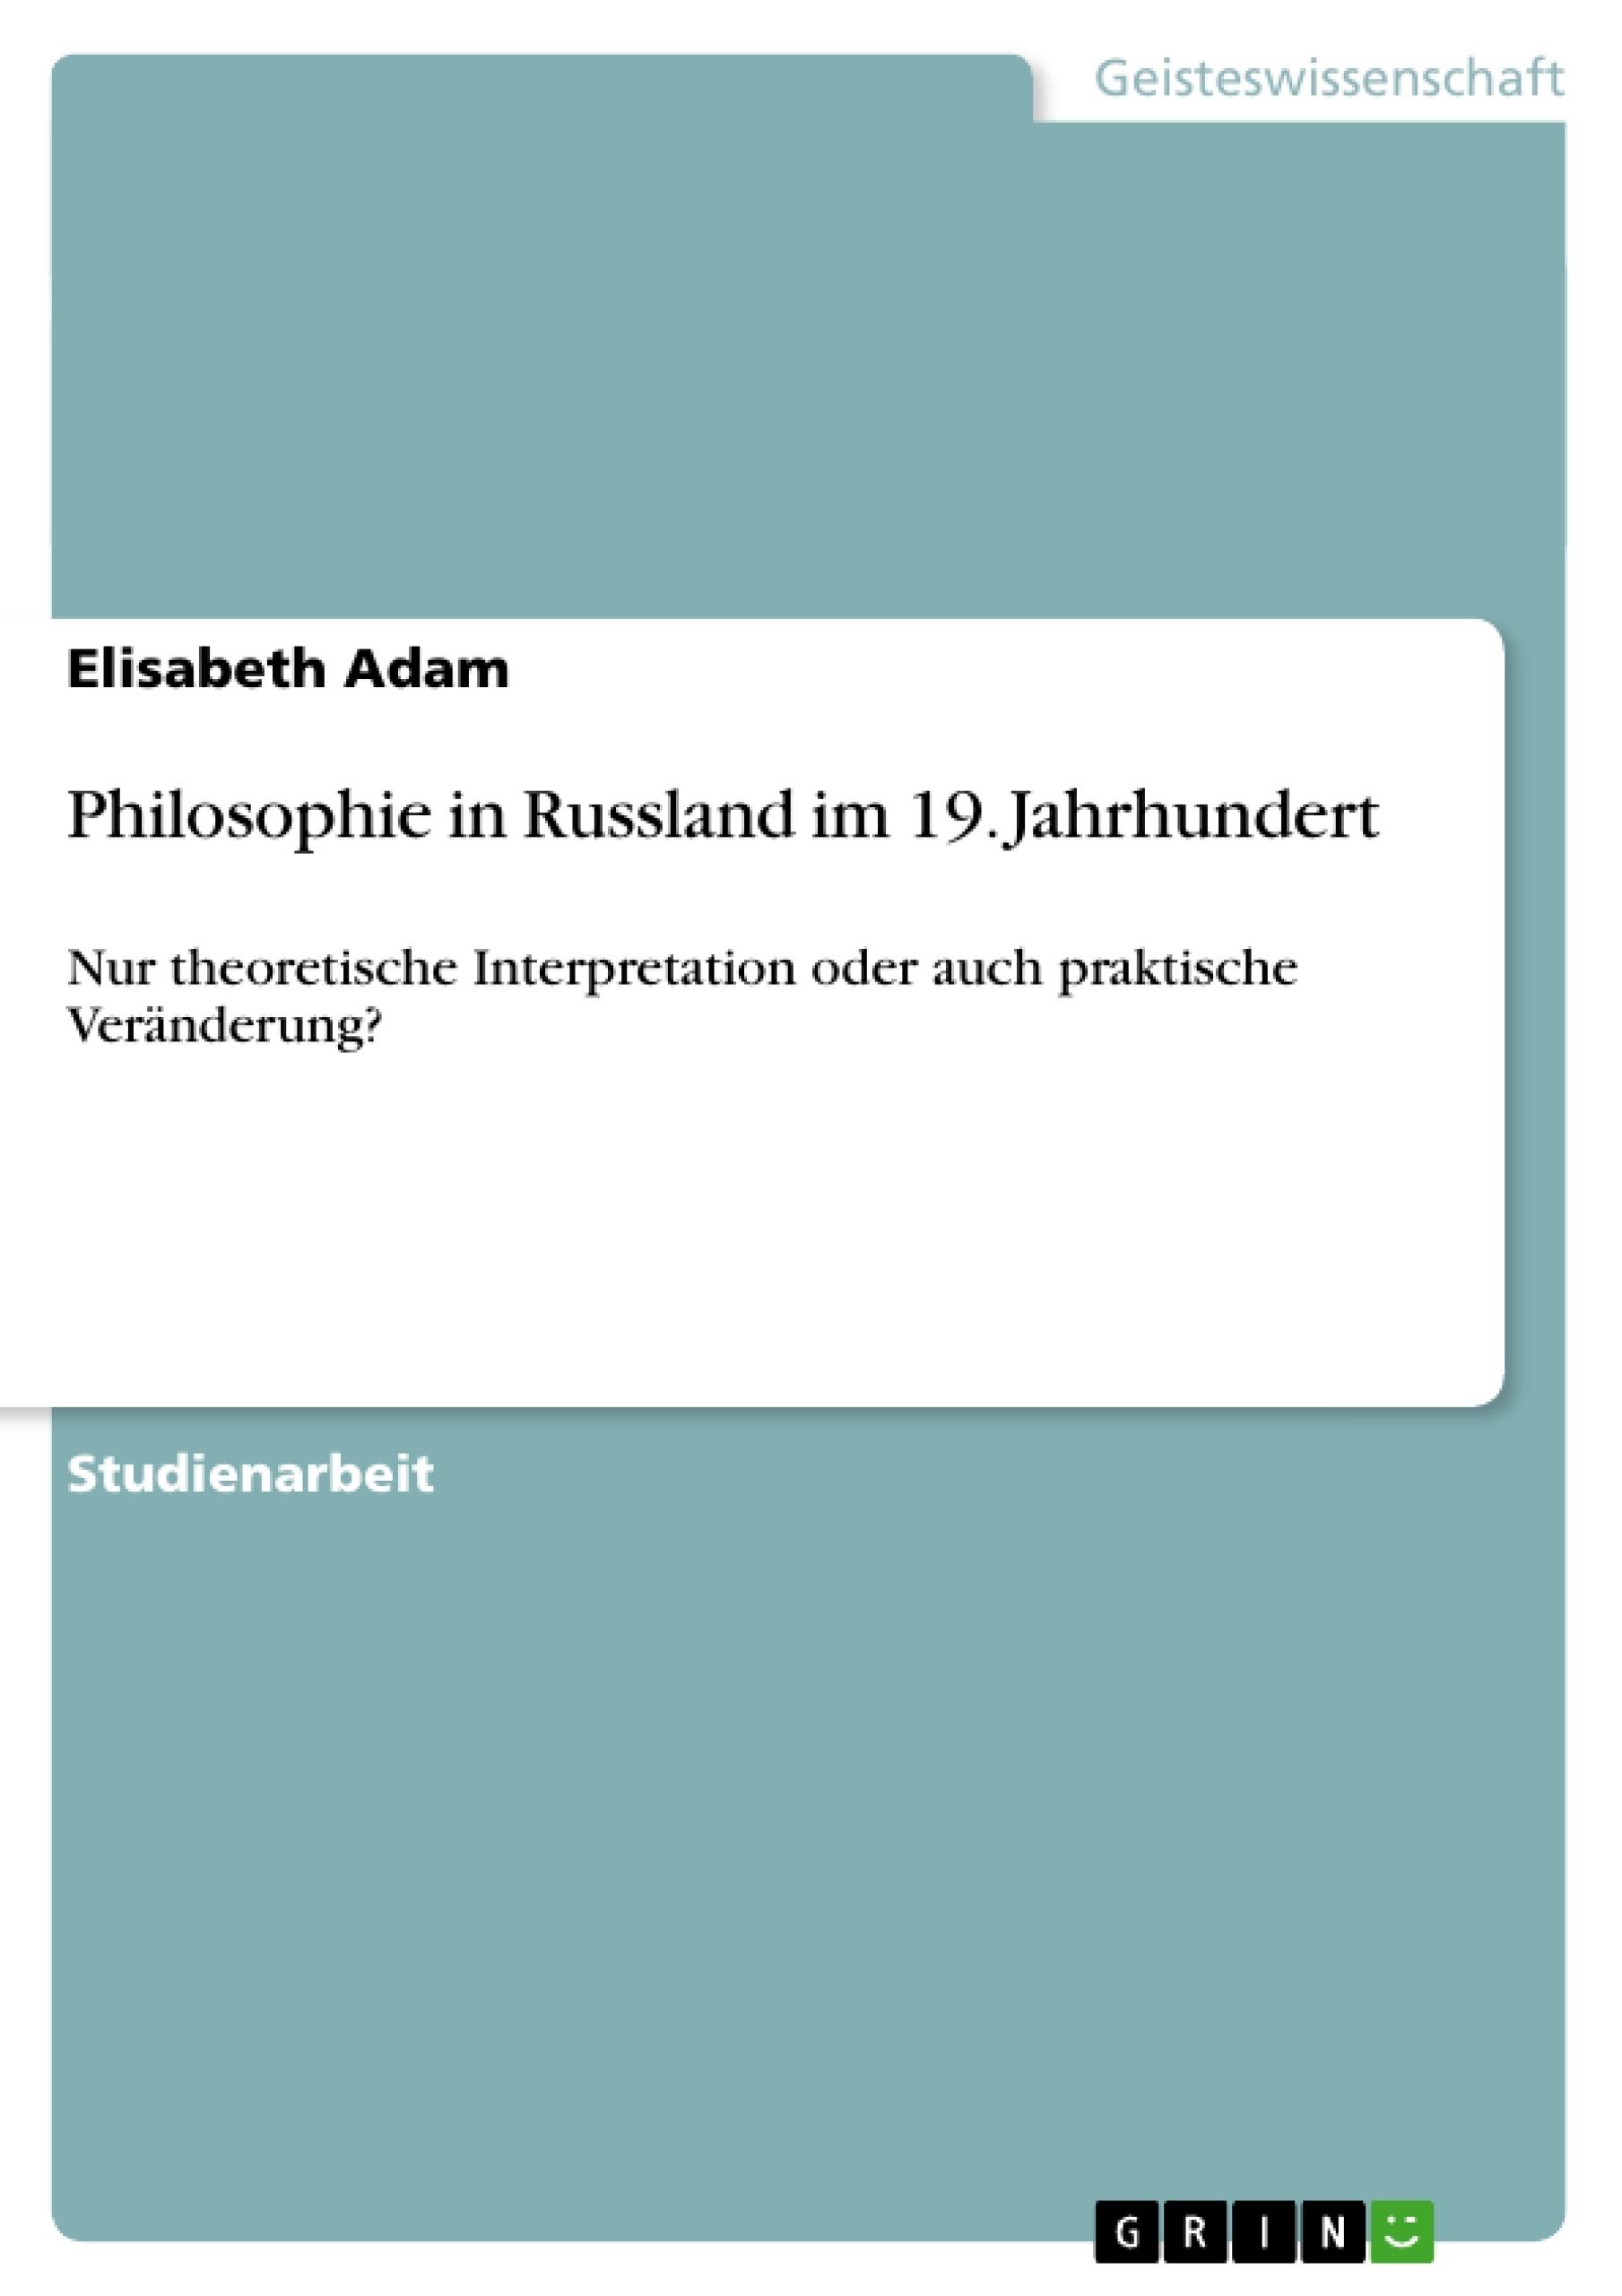 Titel: Philosophie in Russland im 19. Jahrhundert